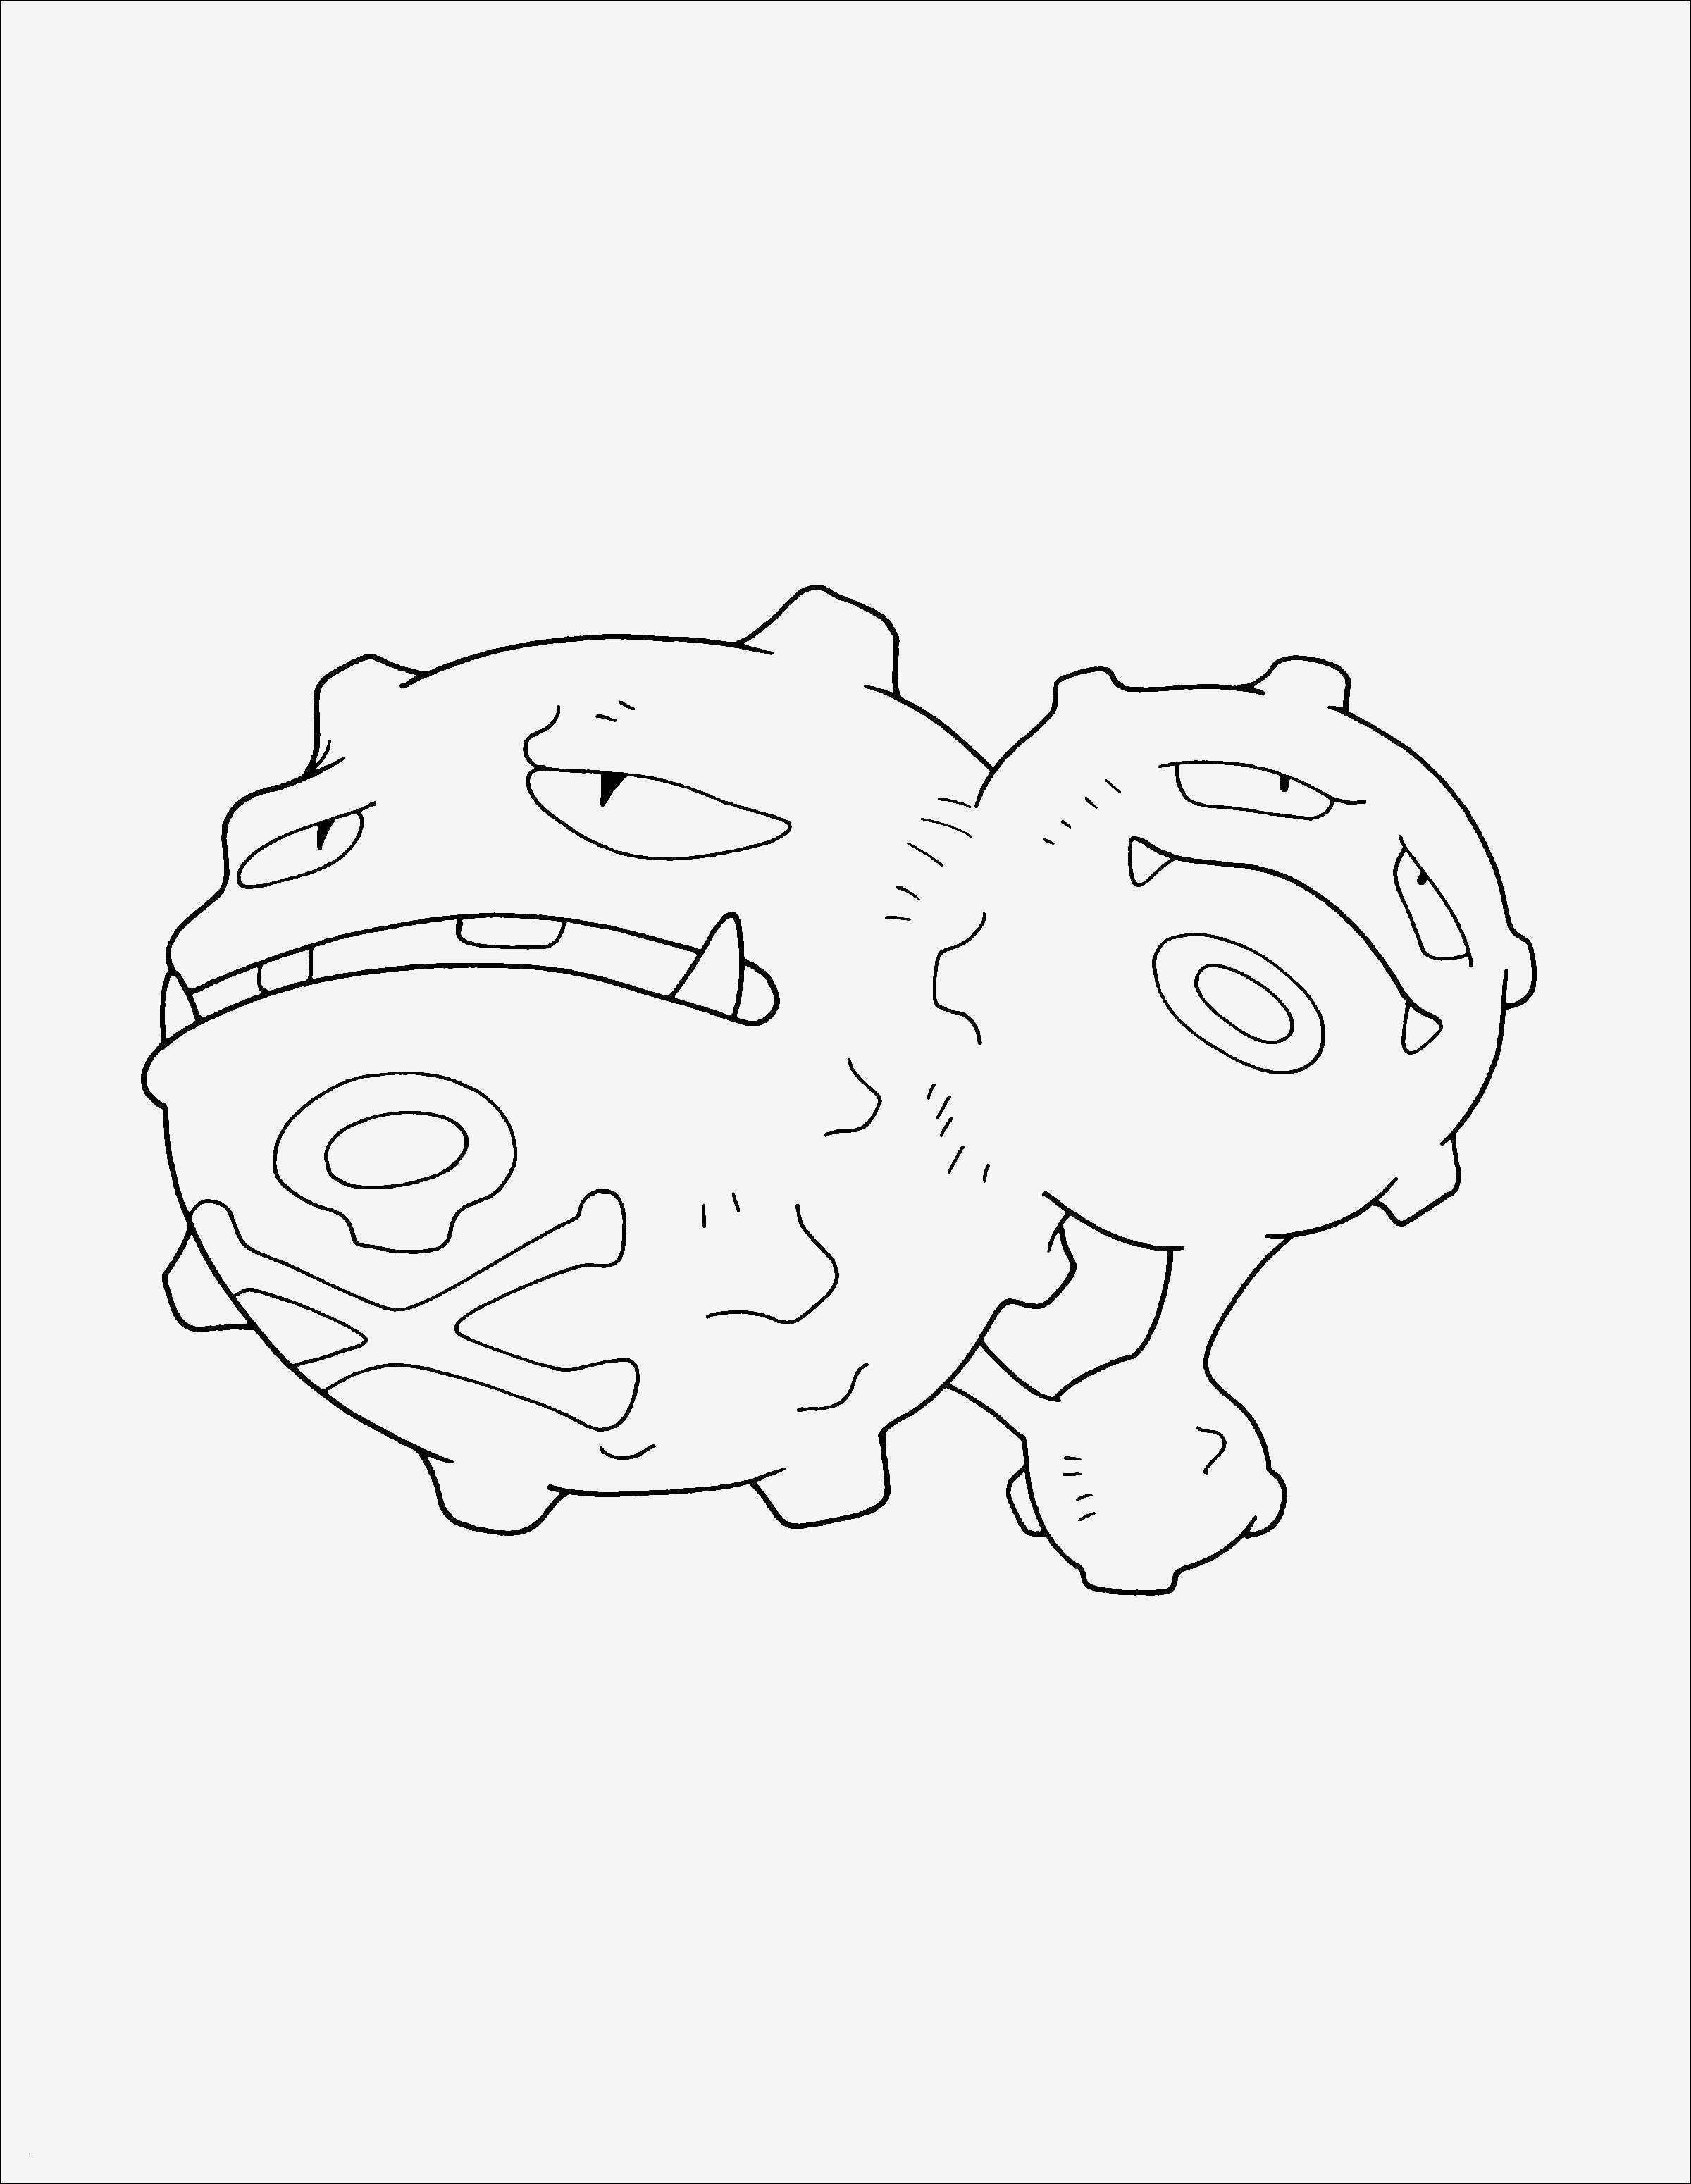 Ausmalbilder Emily Erdbeer Genial Hello Kitty Zeichnen Bild Feuerwehrauto Zum Ausmalen – Ausmalbilder Fotografieren